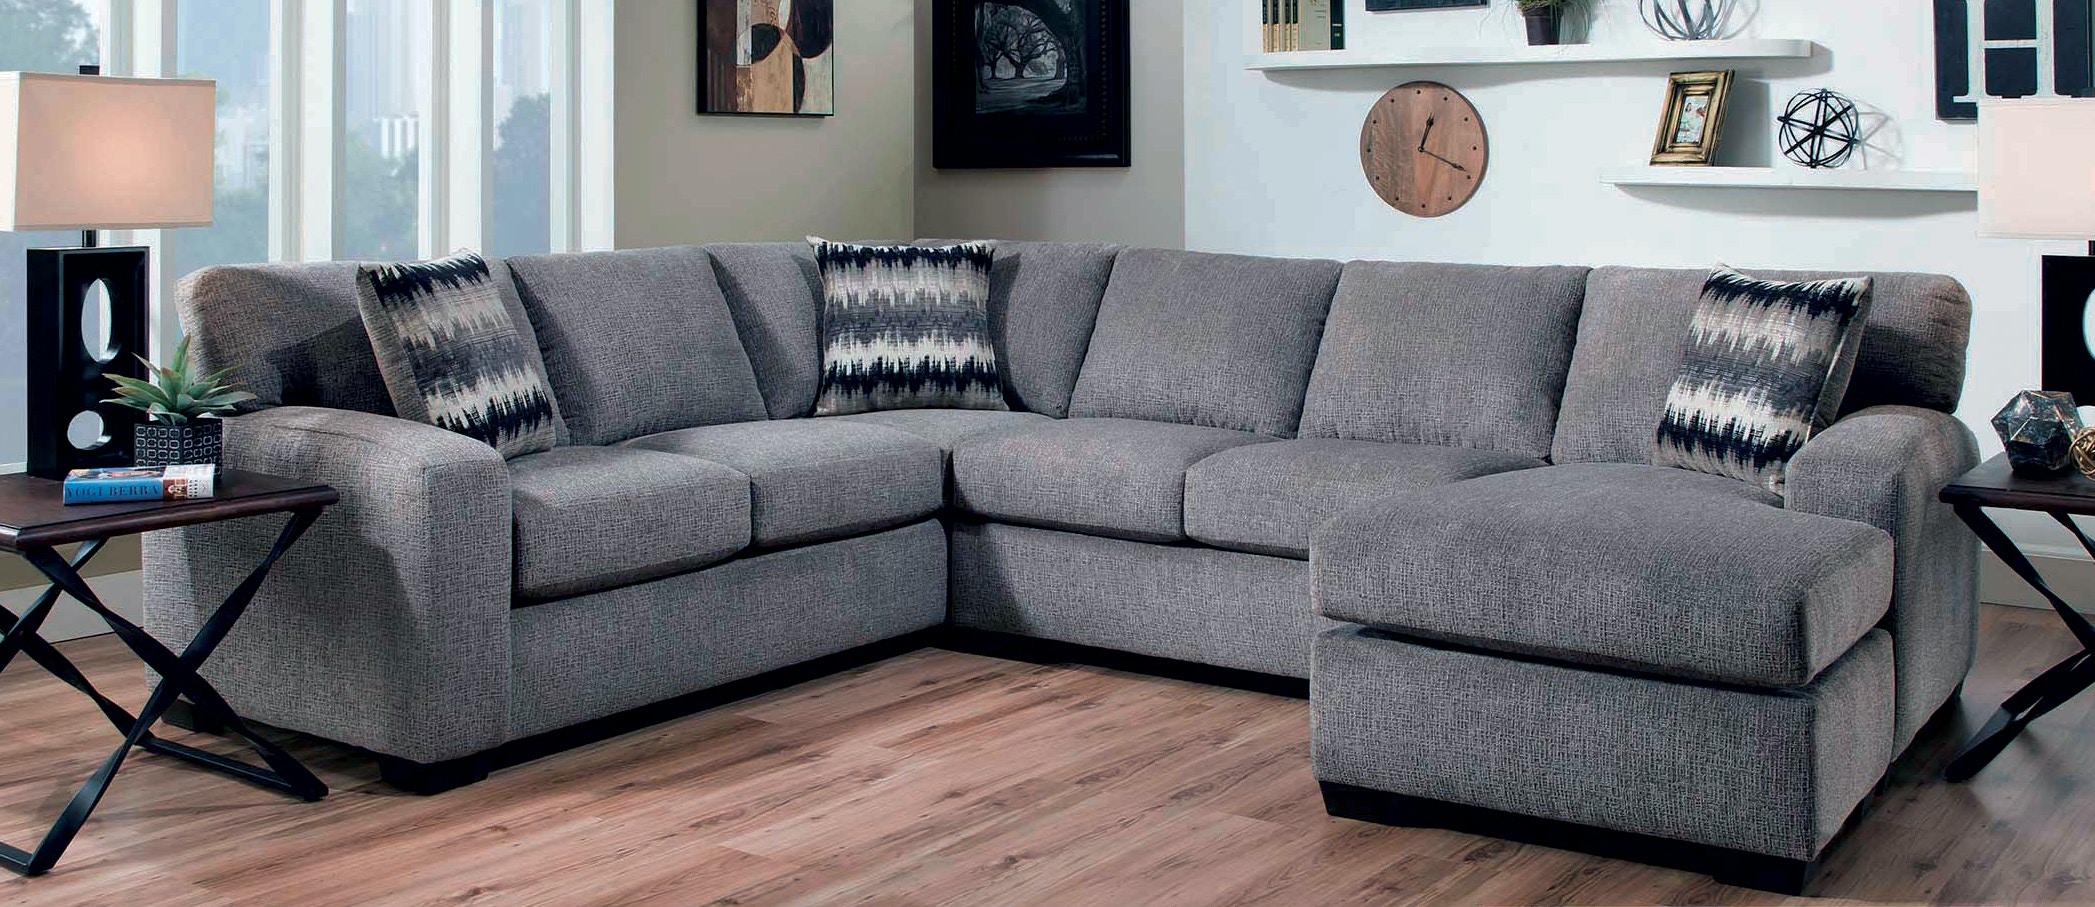 Ordinaire Kittleu0027s Furniture